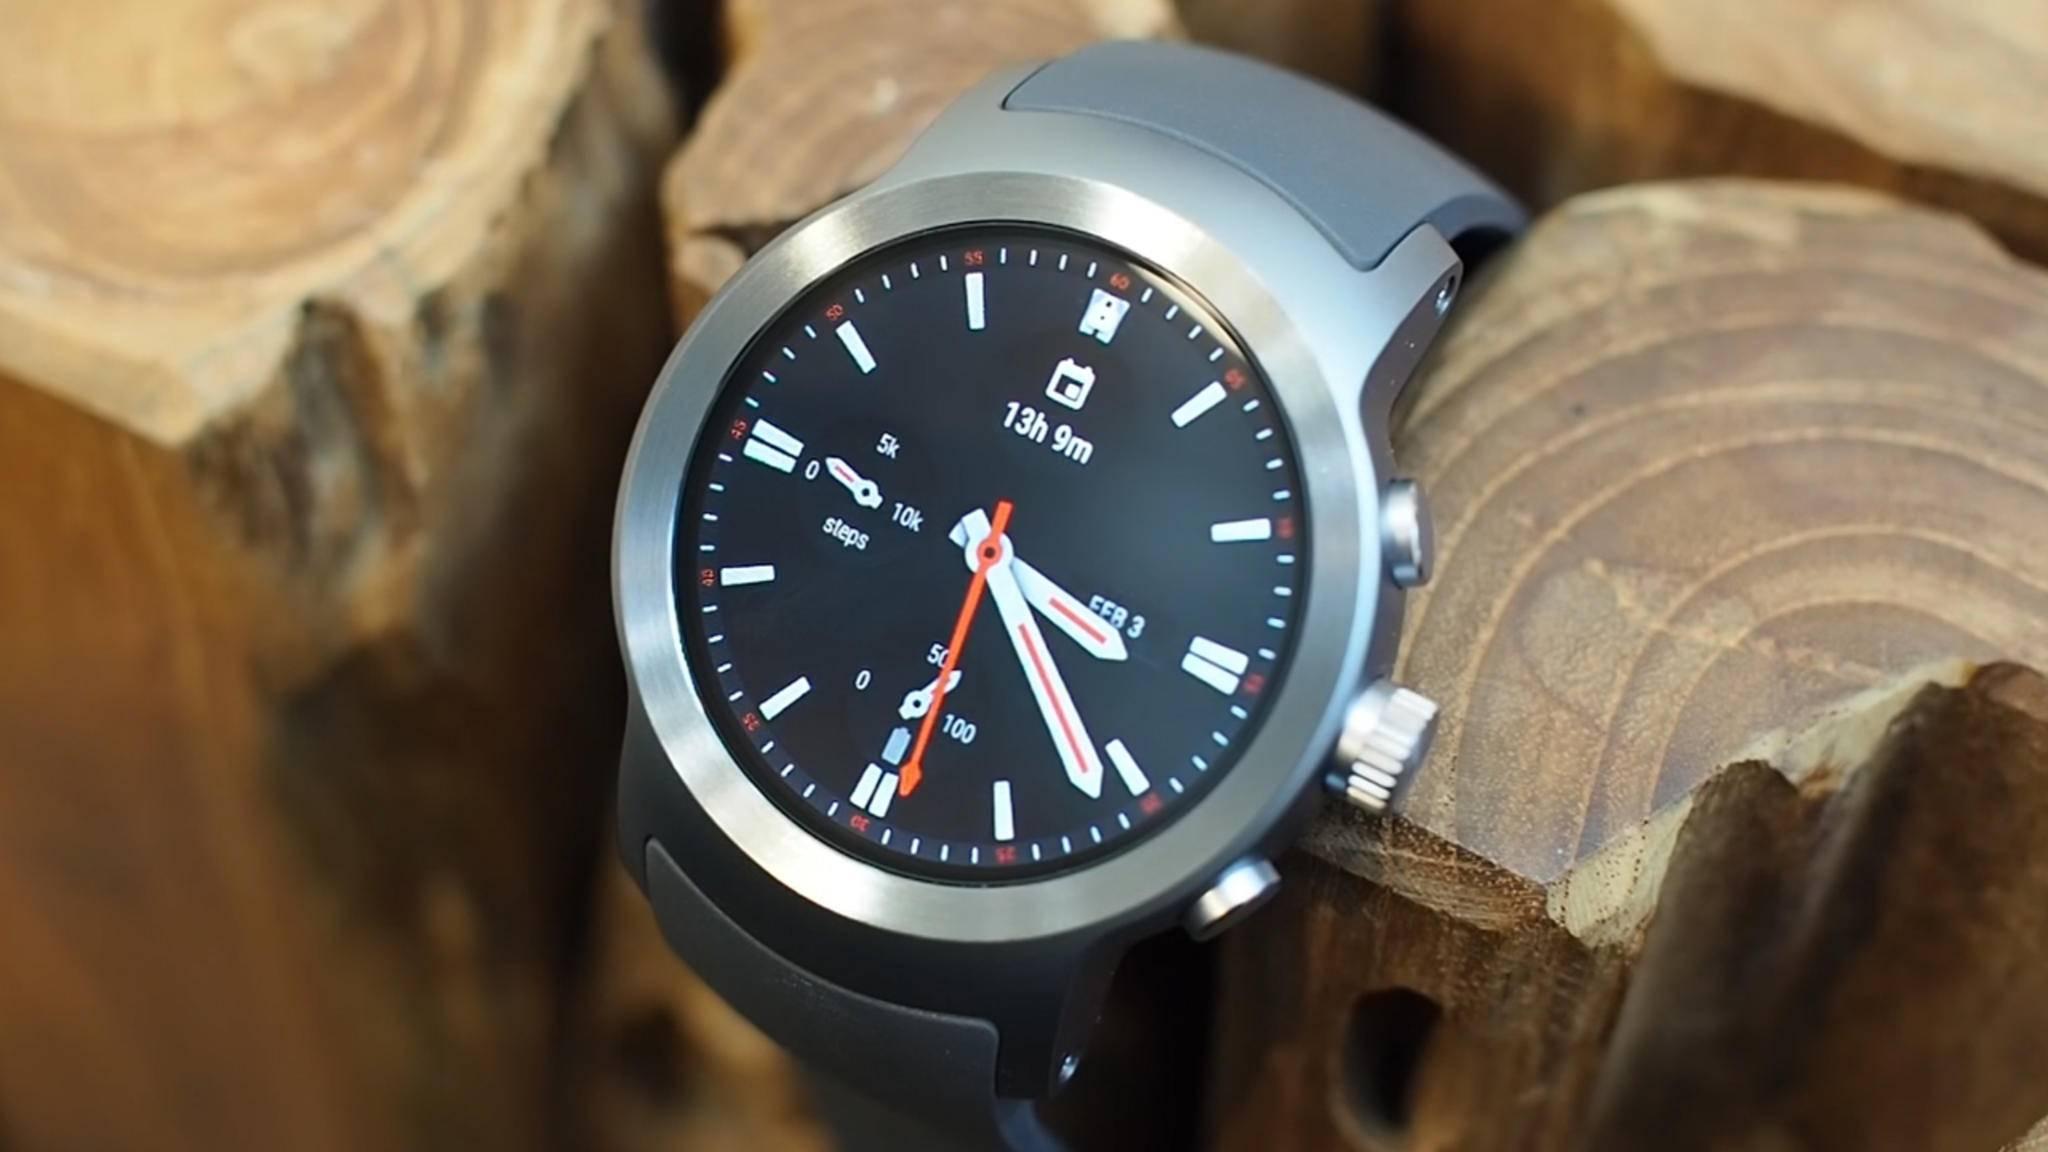 Die Fähigkeiten des Google Assistant können bei unterschiedlichen Smartwatches minimal abweichen.